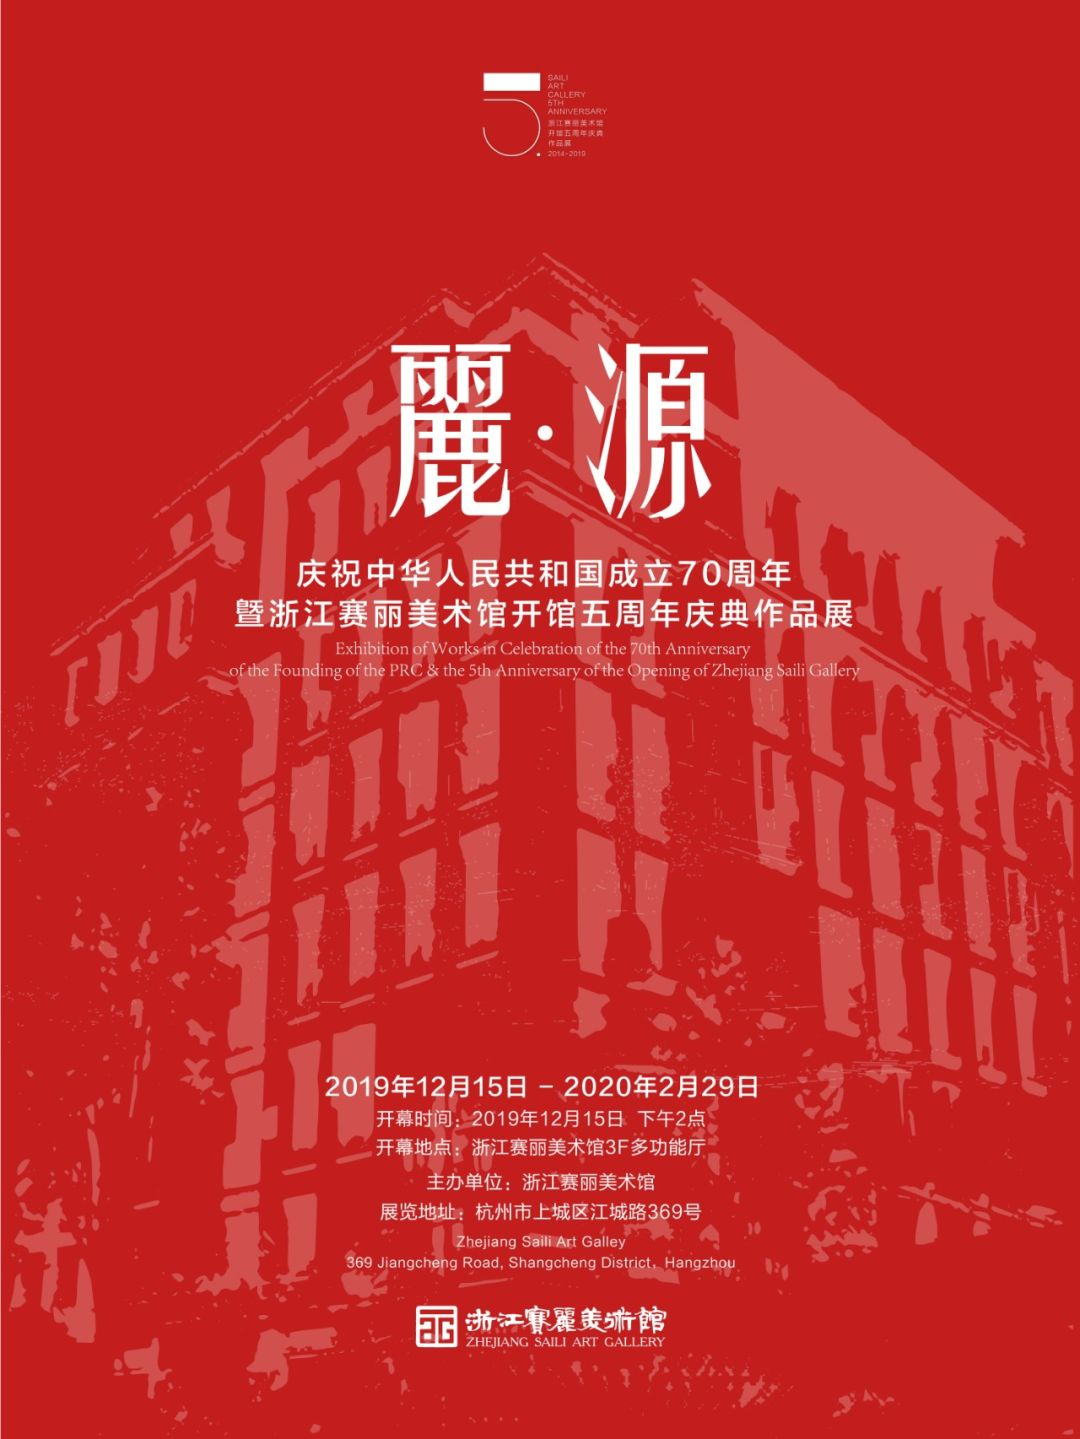 麗·源 | 庆祝中华人民共和国成立70周年 曁浙江赛丽美术馆开馆五周年庆典作品展